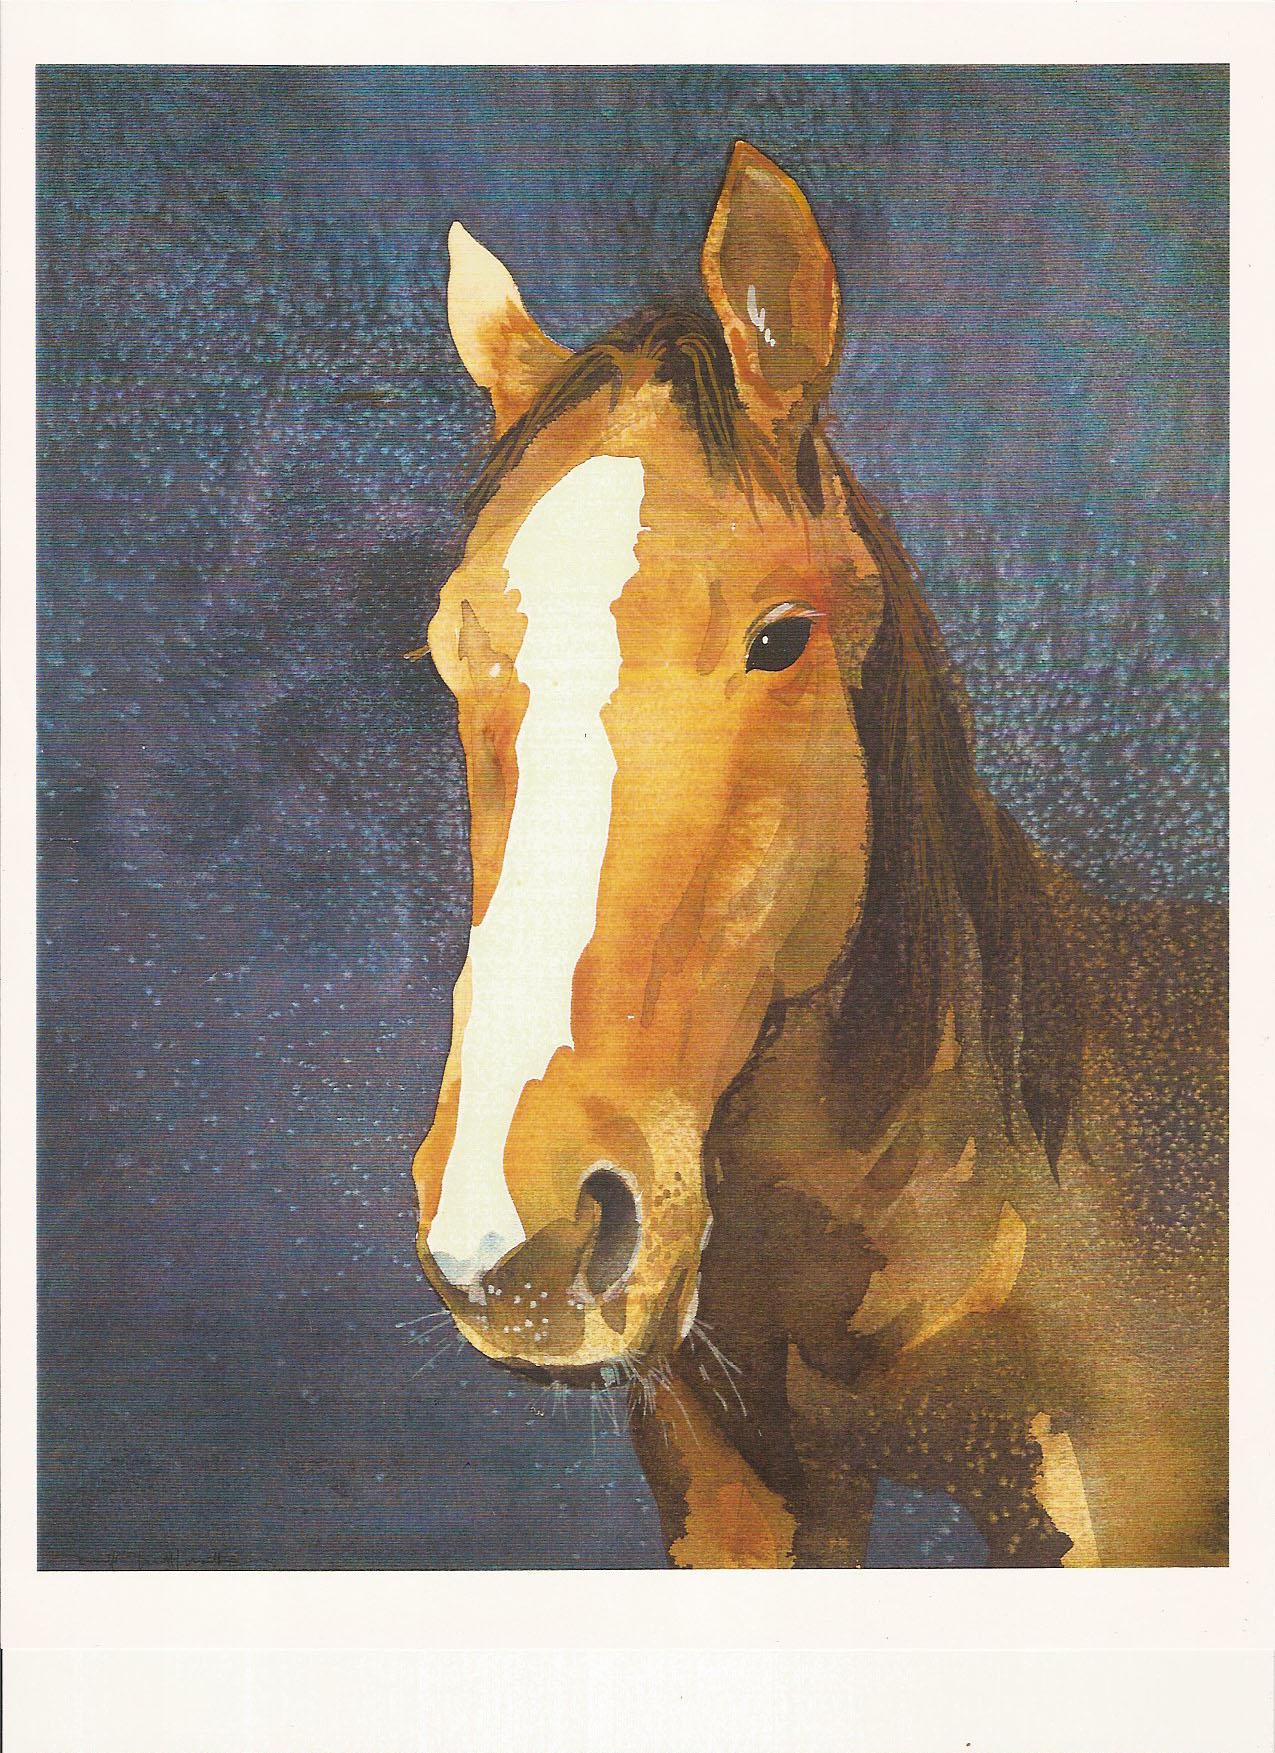 horse portrait-thoroughbred-5156688694.jpg